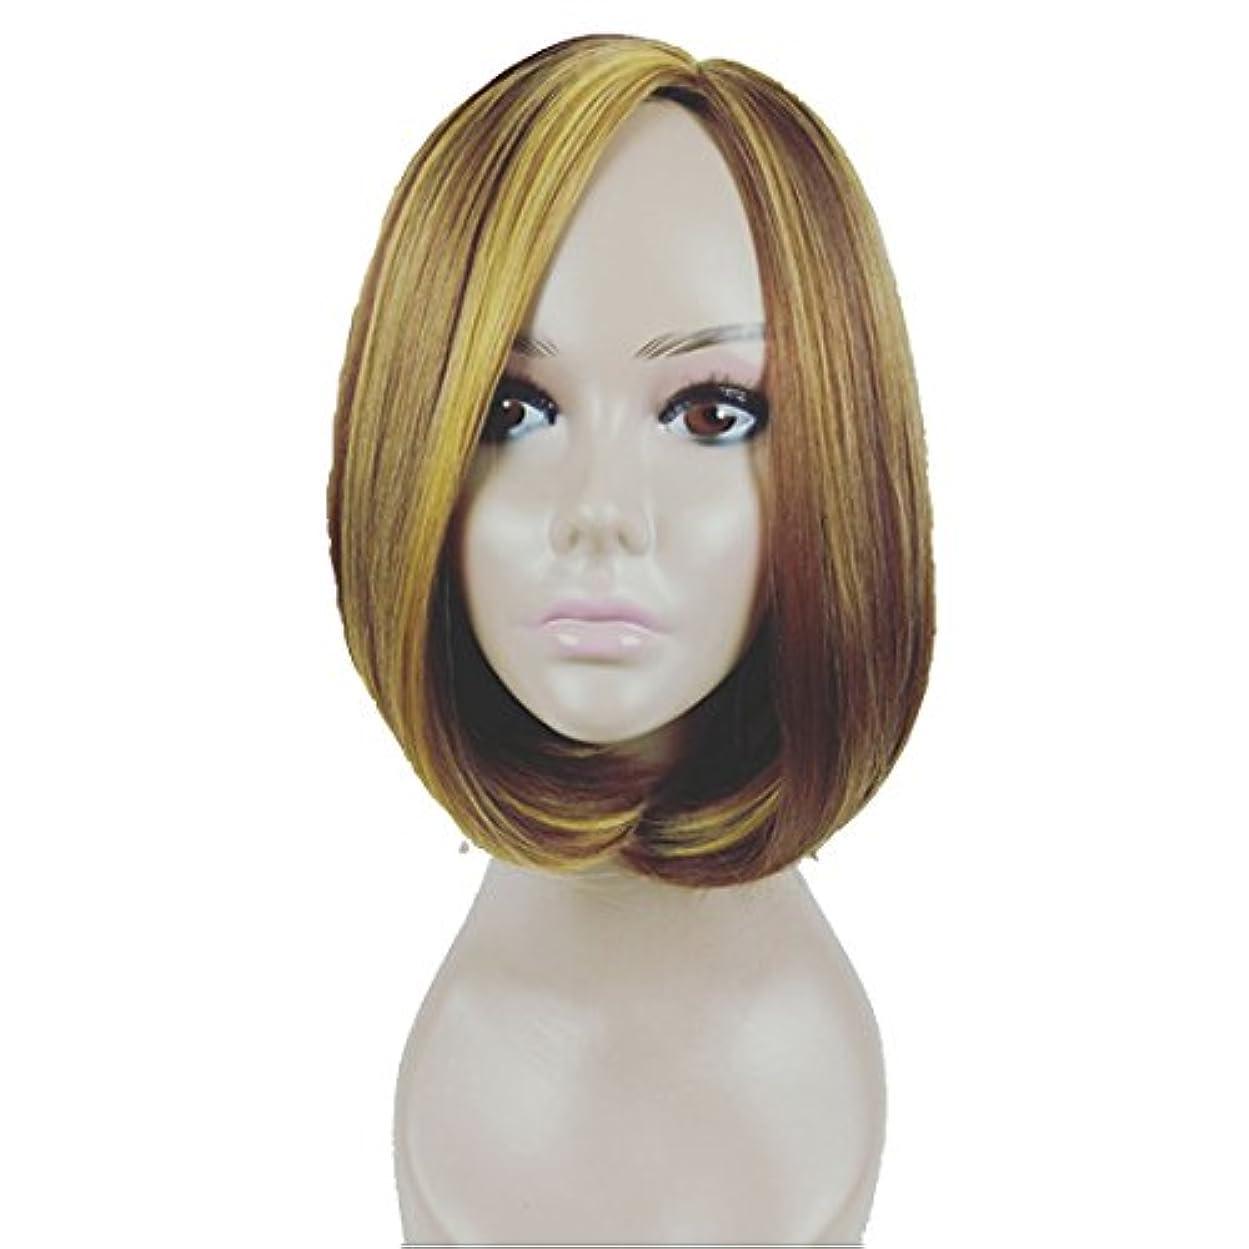 取得膿瘍可能性YOUQIU ボボヘッドウィッグのためにパーティーに分割前髪ウィッグ自然なロングウェーブウィッグを持つ女性人間の髪のためにショートストレートウィッグ160グラムウィッグ (色 : Black gold)